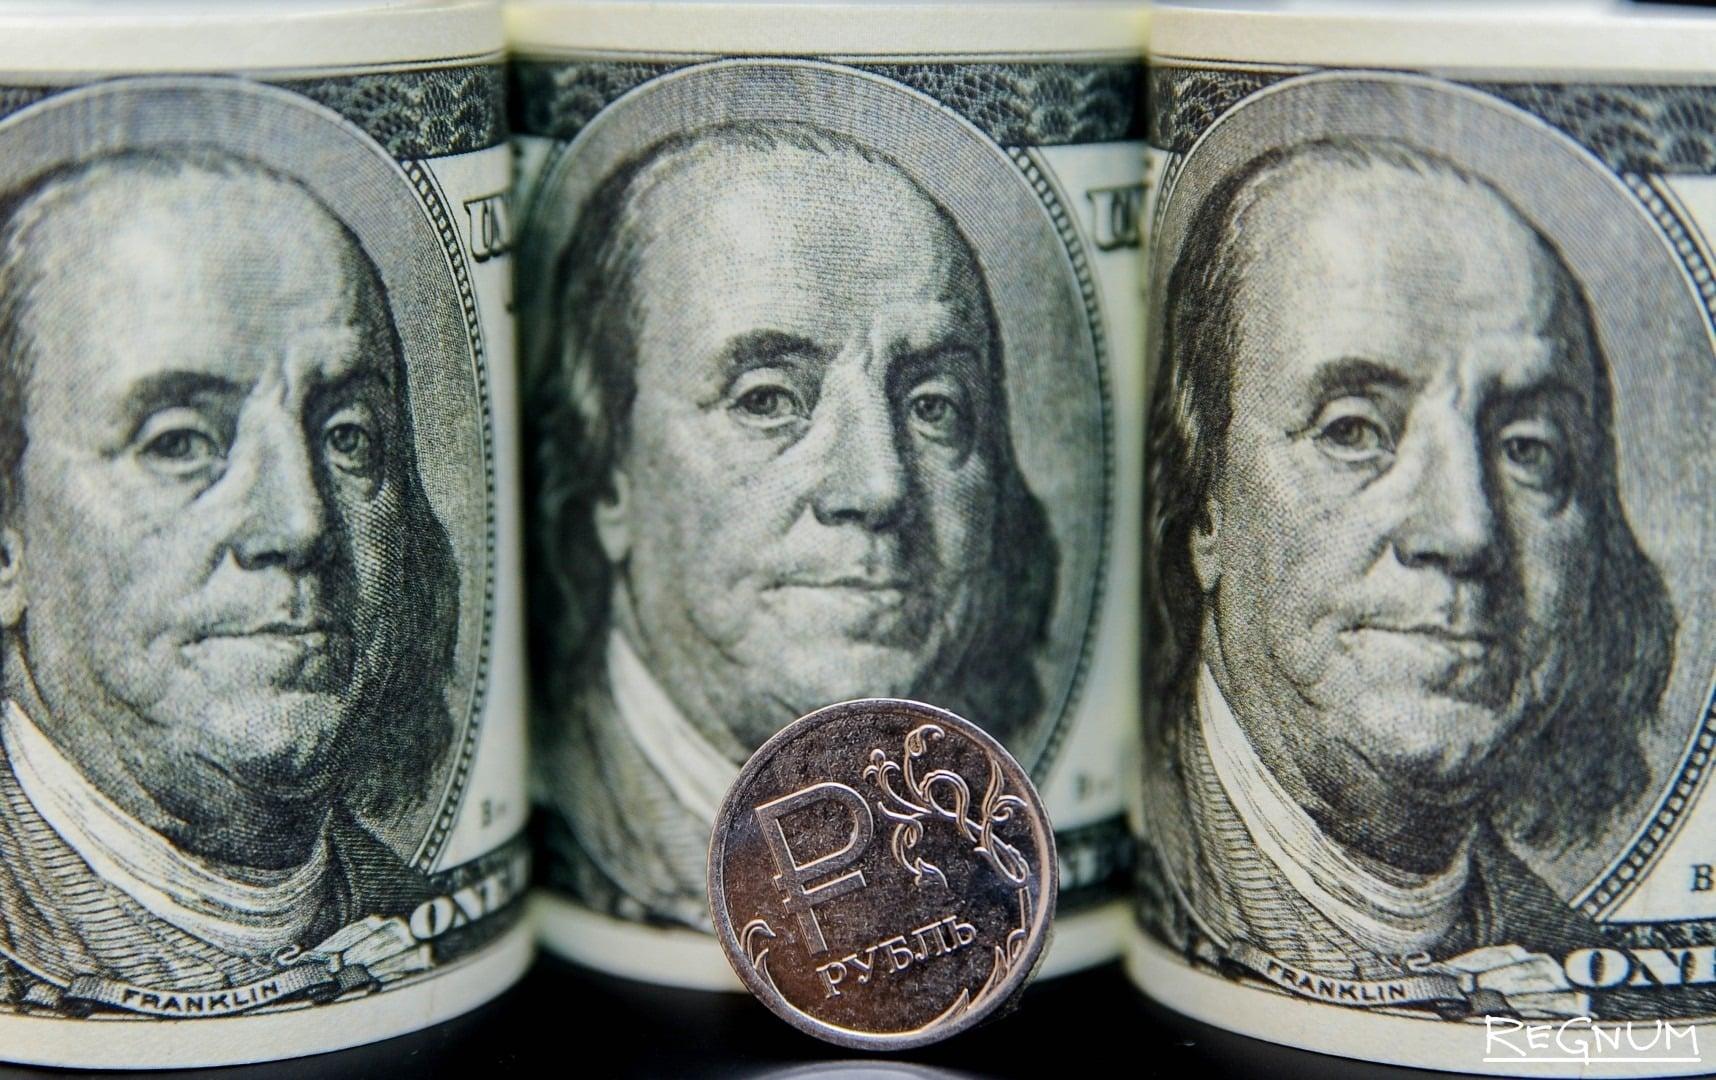 Курс доллара к рублю: какой будет к концу 2019 года, обрушится летом 2019 или нет